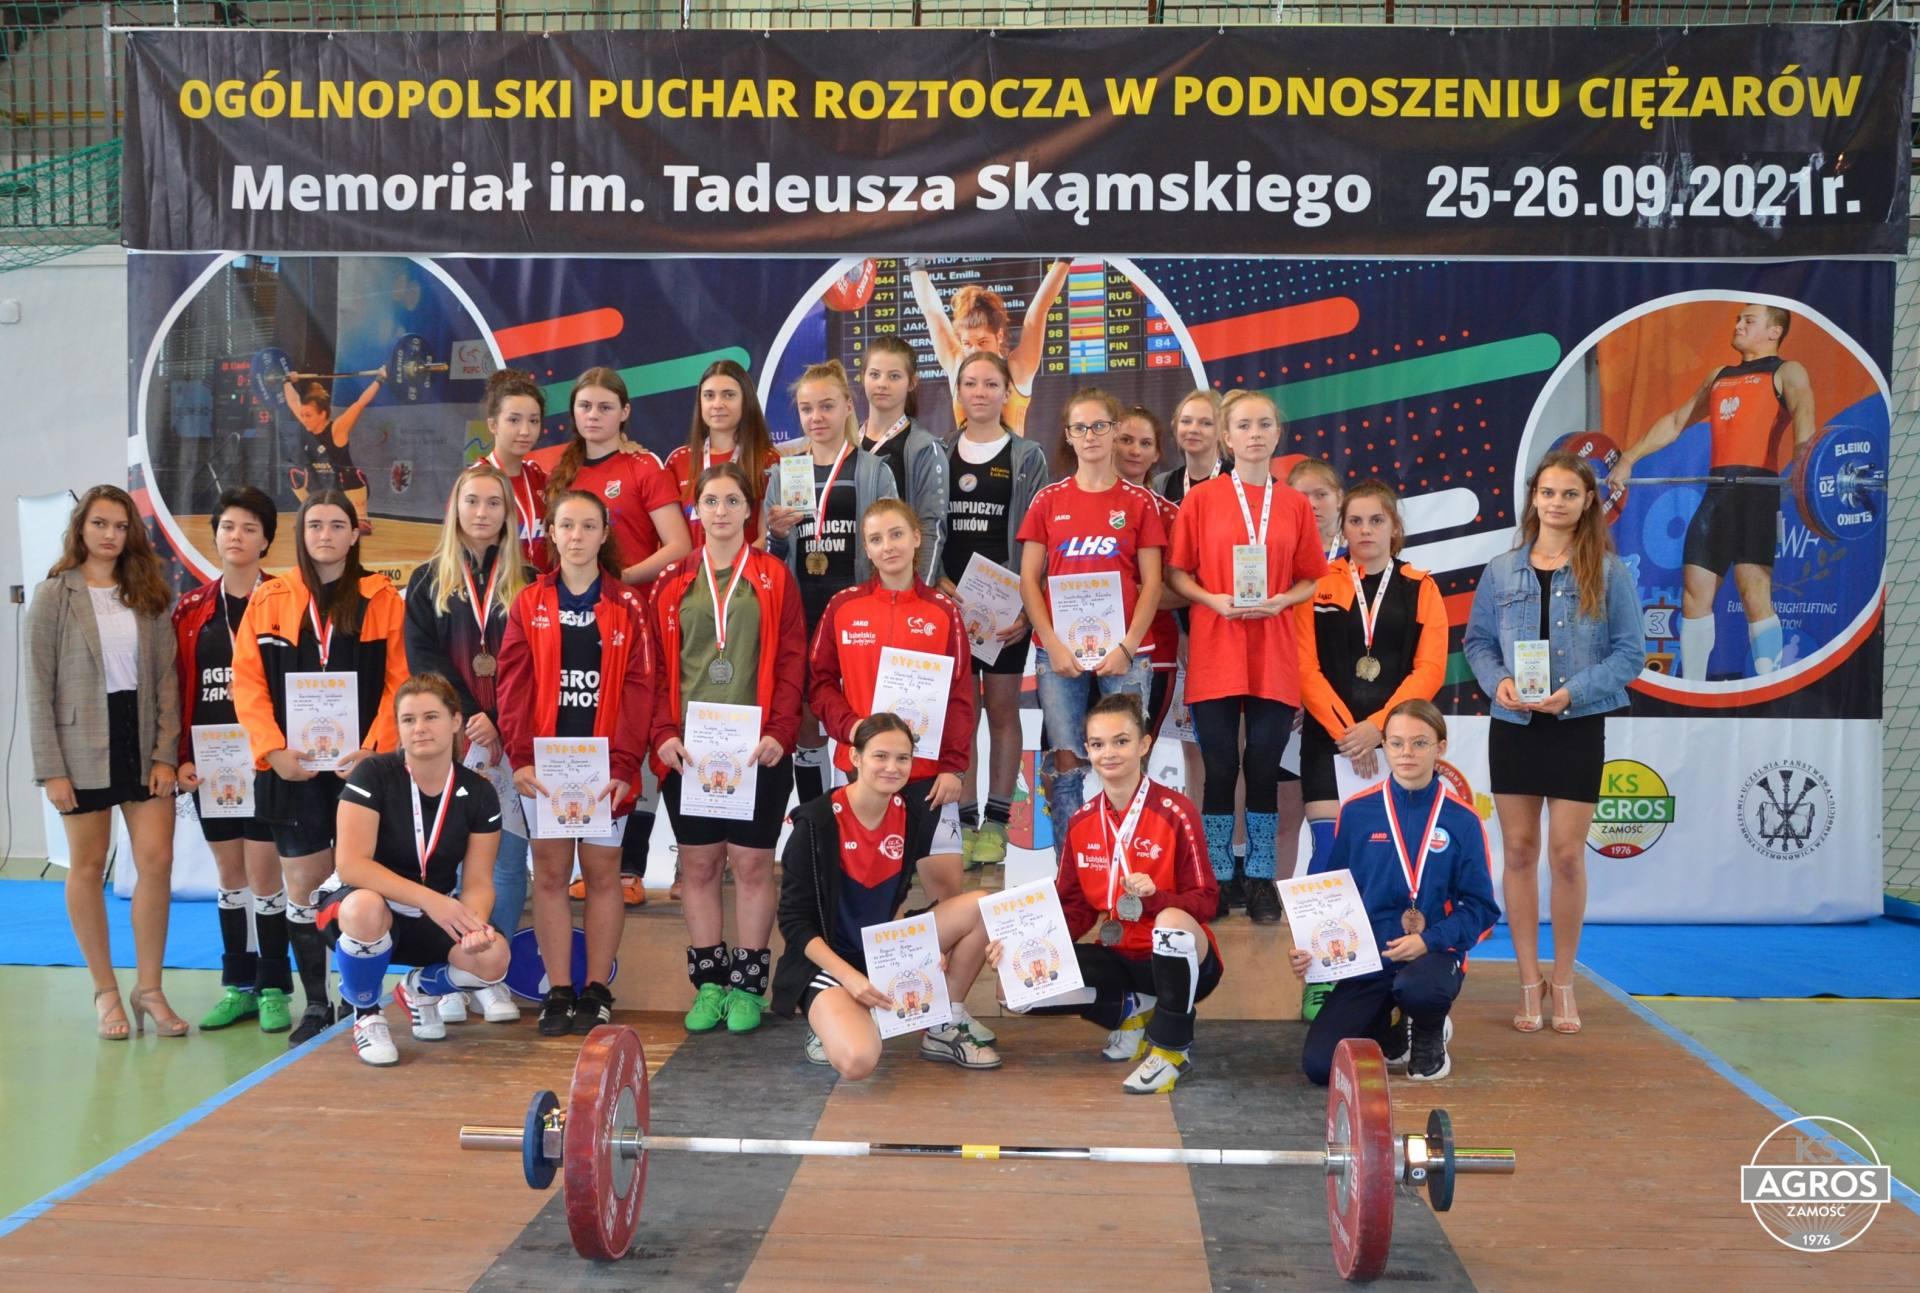 dsc 0604 Za nami Ogólnopolski Puchar Roztocza w Podnoszeniu Ciężarów 2021 - Memoriał im. Tadeusza Skąmskiego.